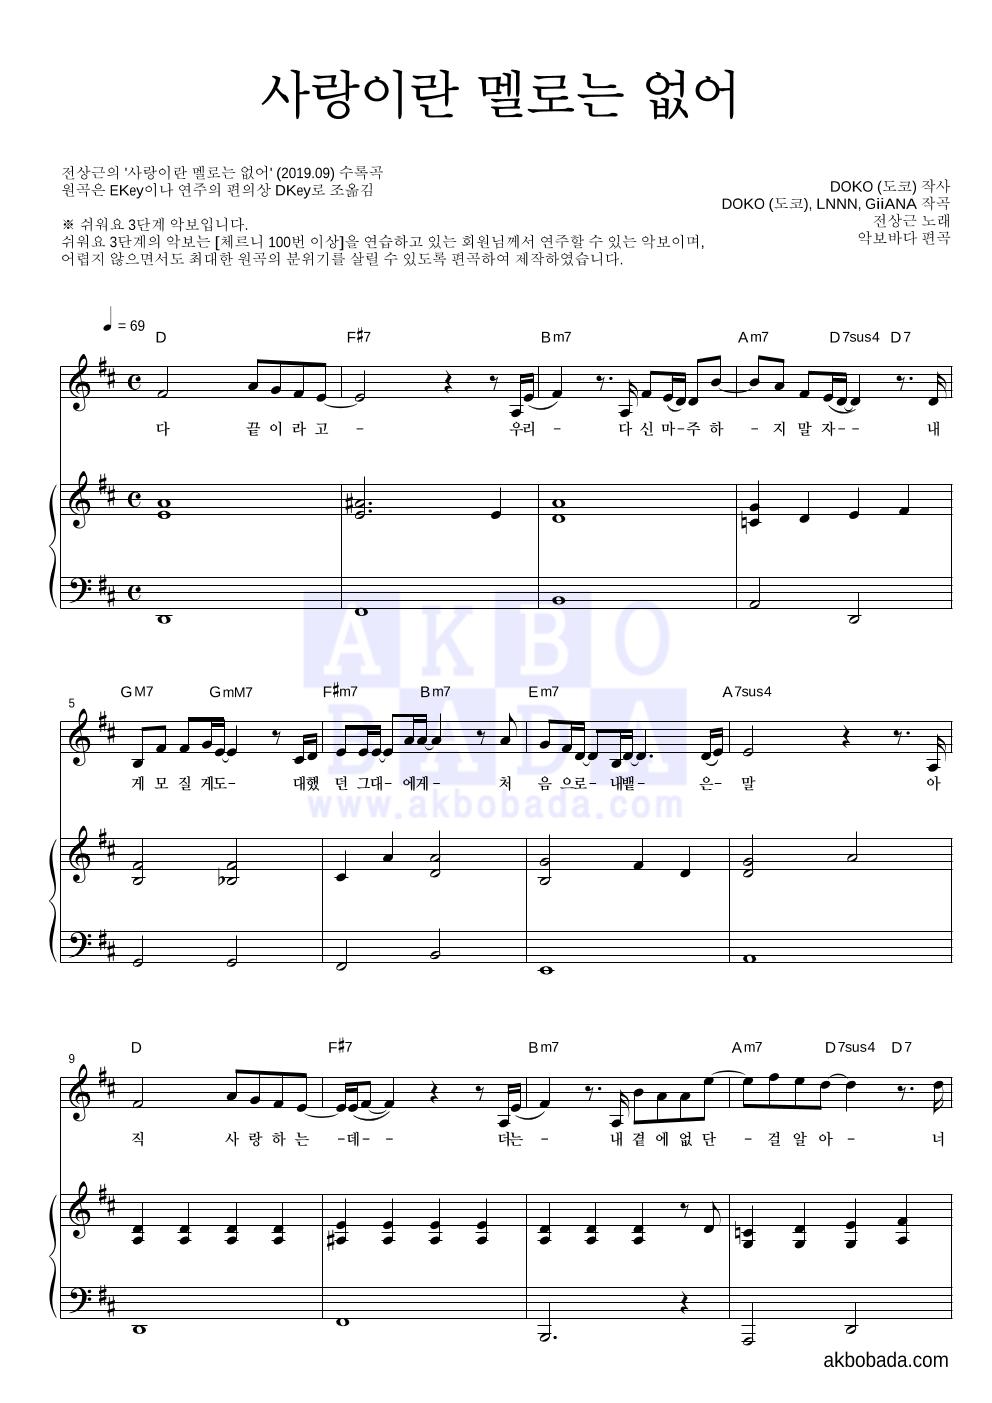 전상근 - 사랑이란 멜로는 없어 피아노3단-쉬워요 악보